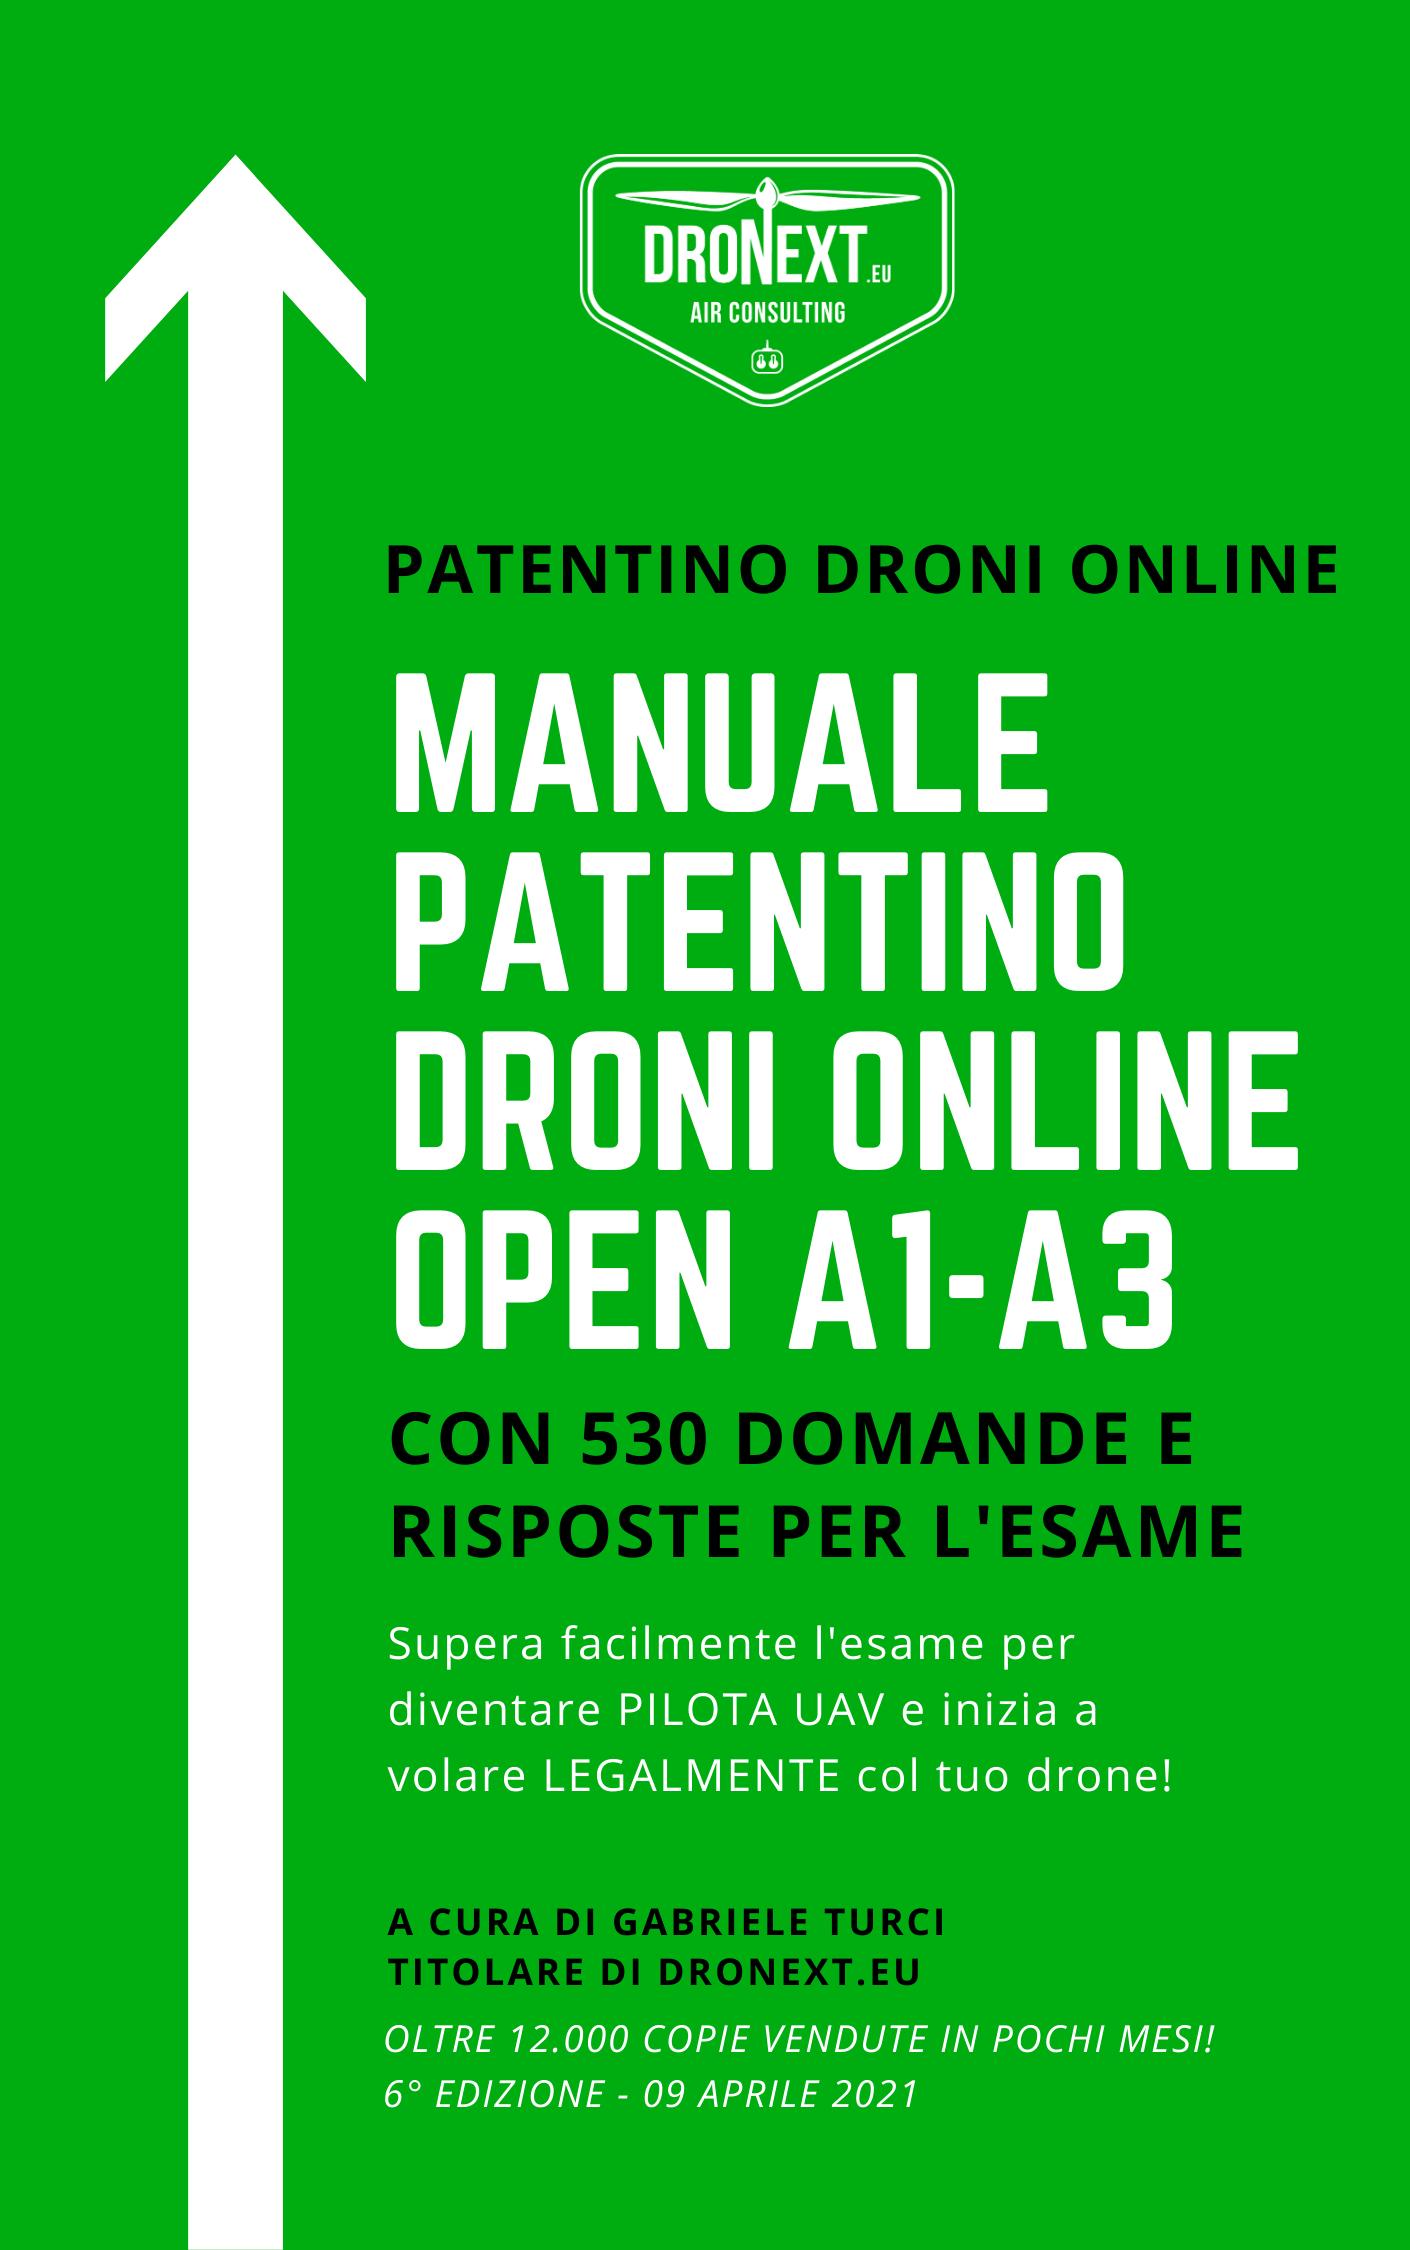 PATENTINO ONLINE DRONI A1-A3 DOMANDE D'ESAME